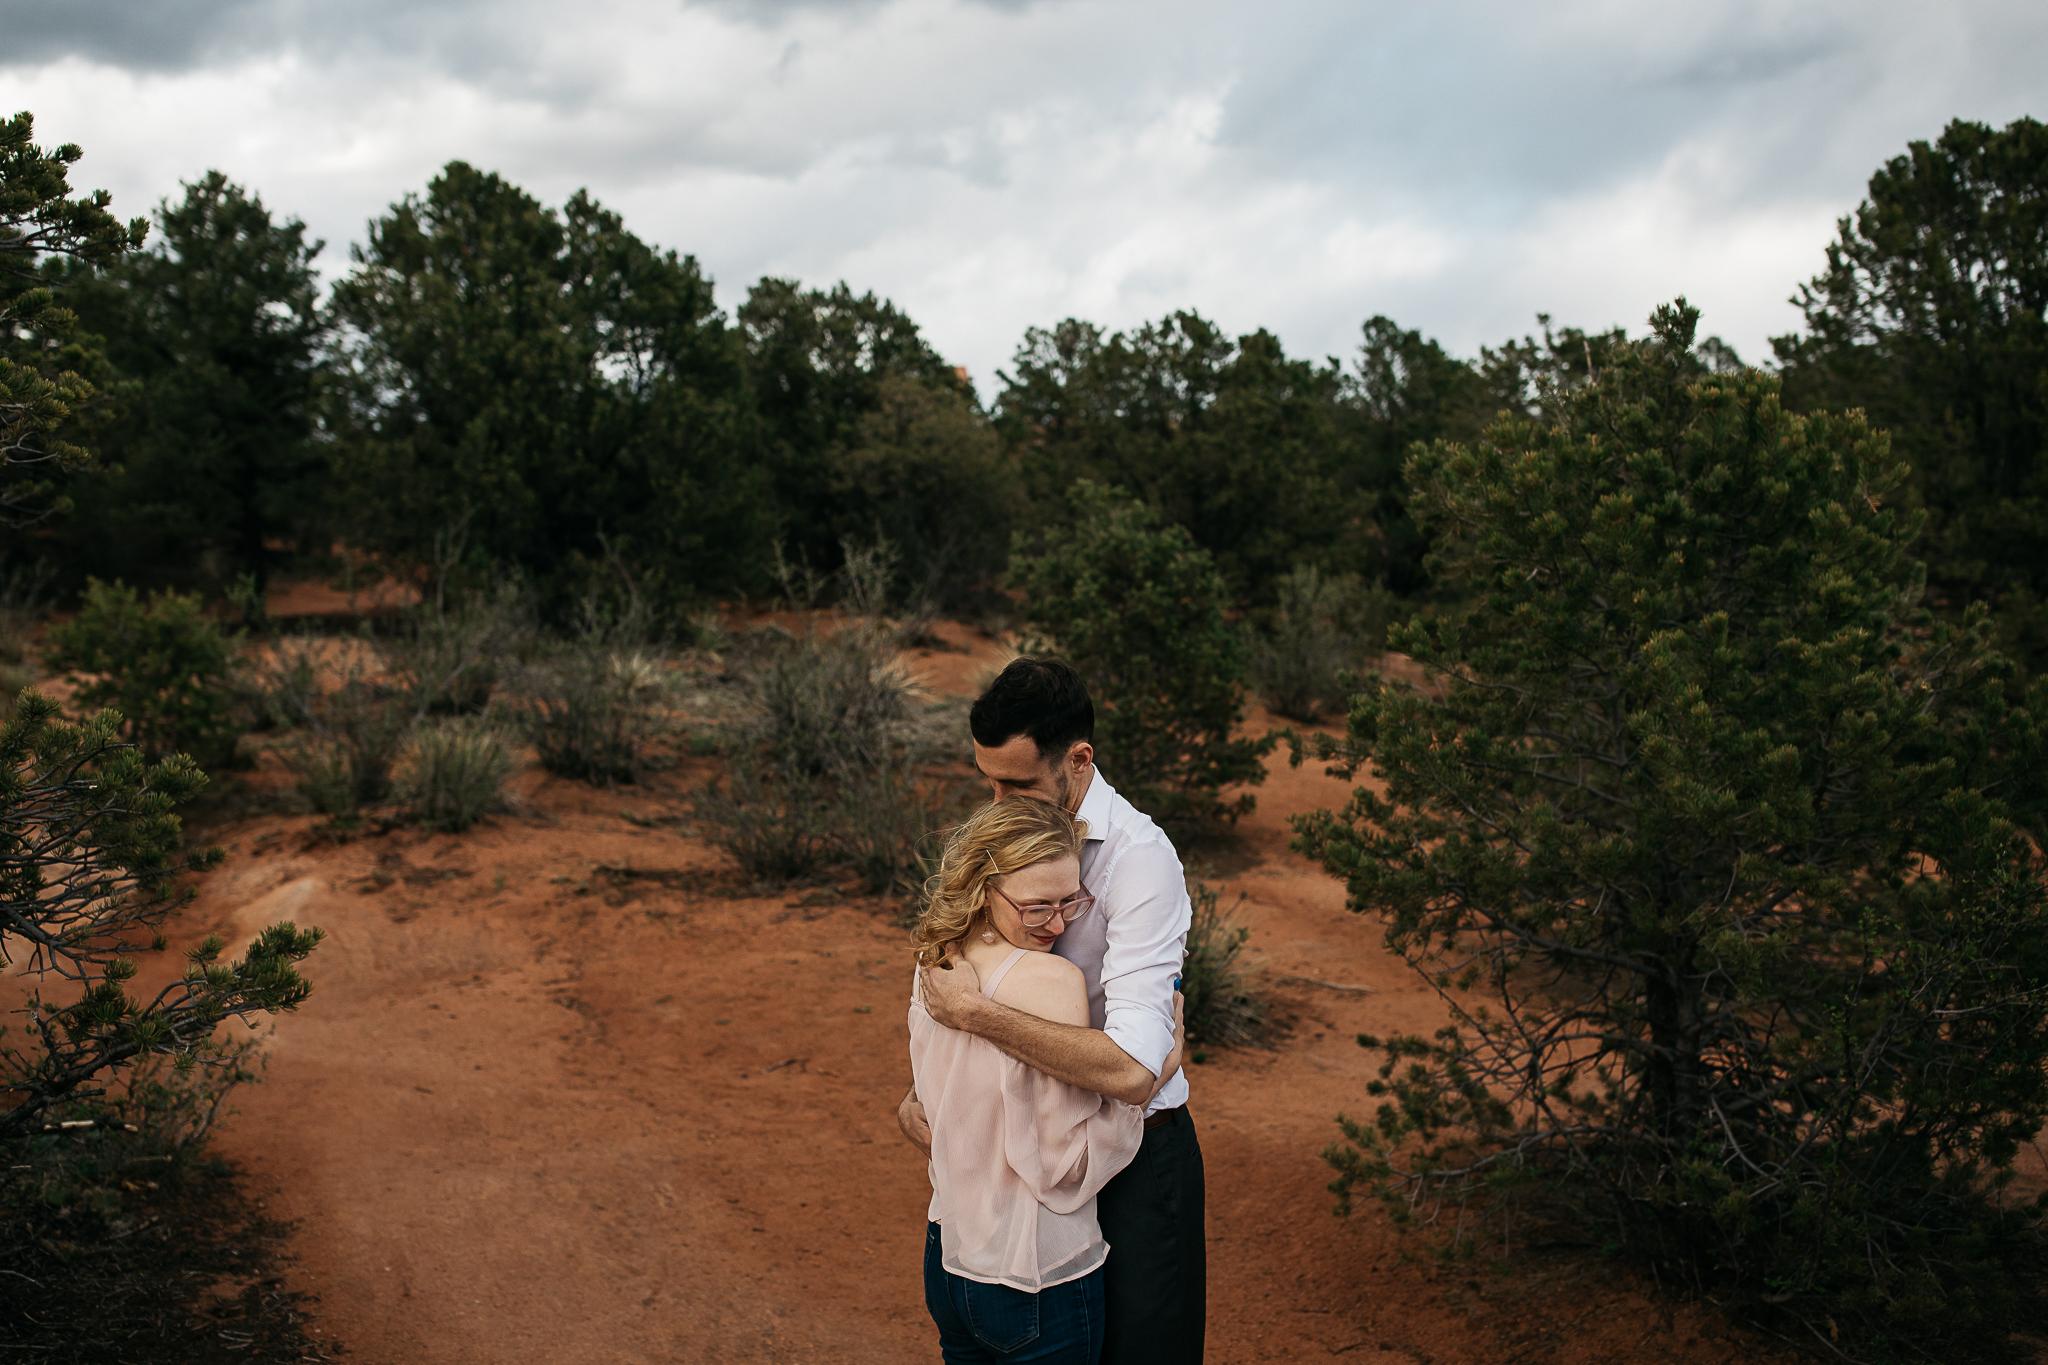 Elizabeth-and-Ryan-GardenoftheGods-Thewarmtharoundyou-84.jpg